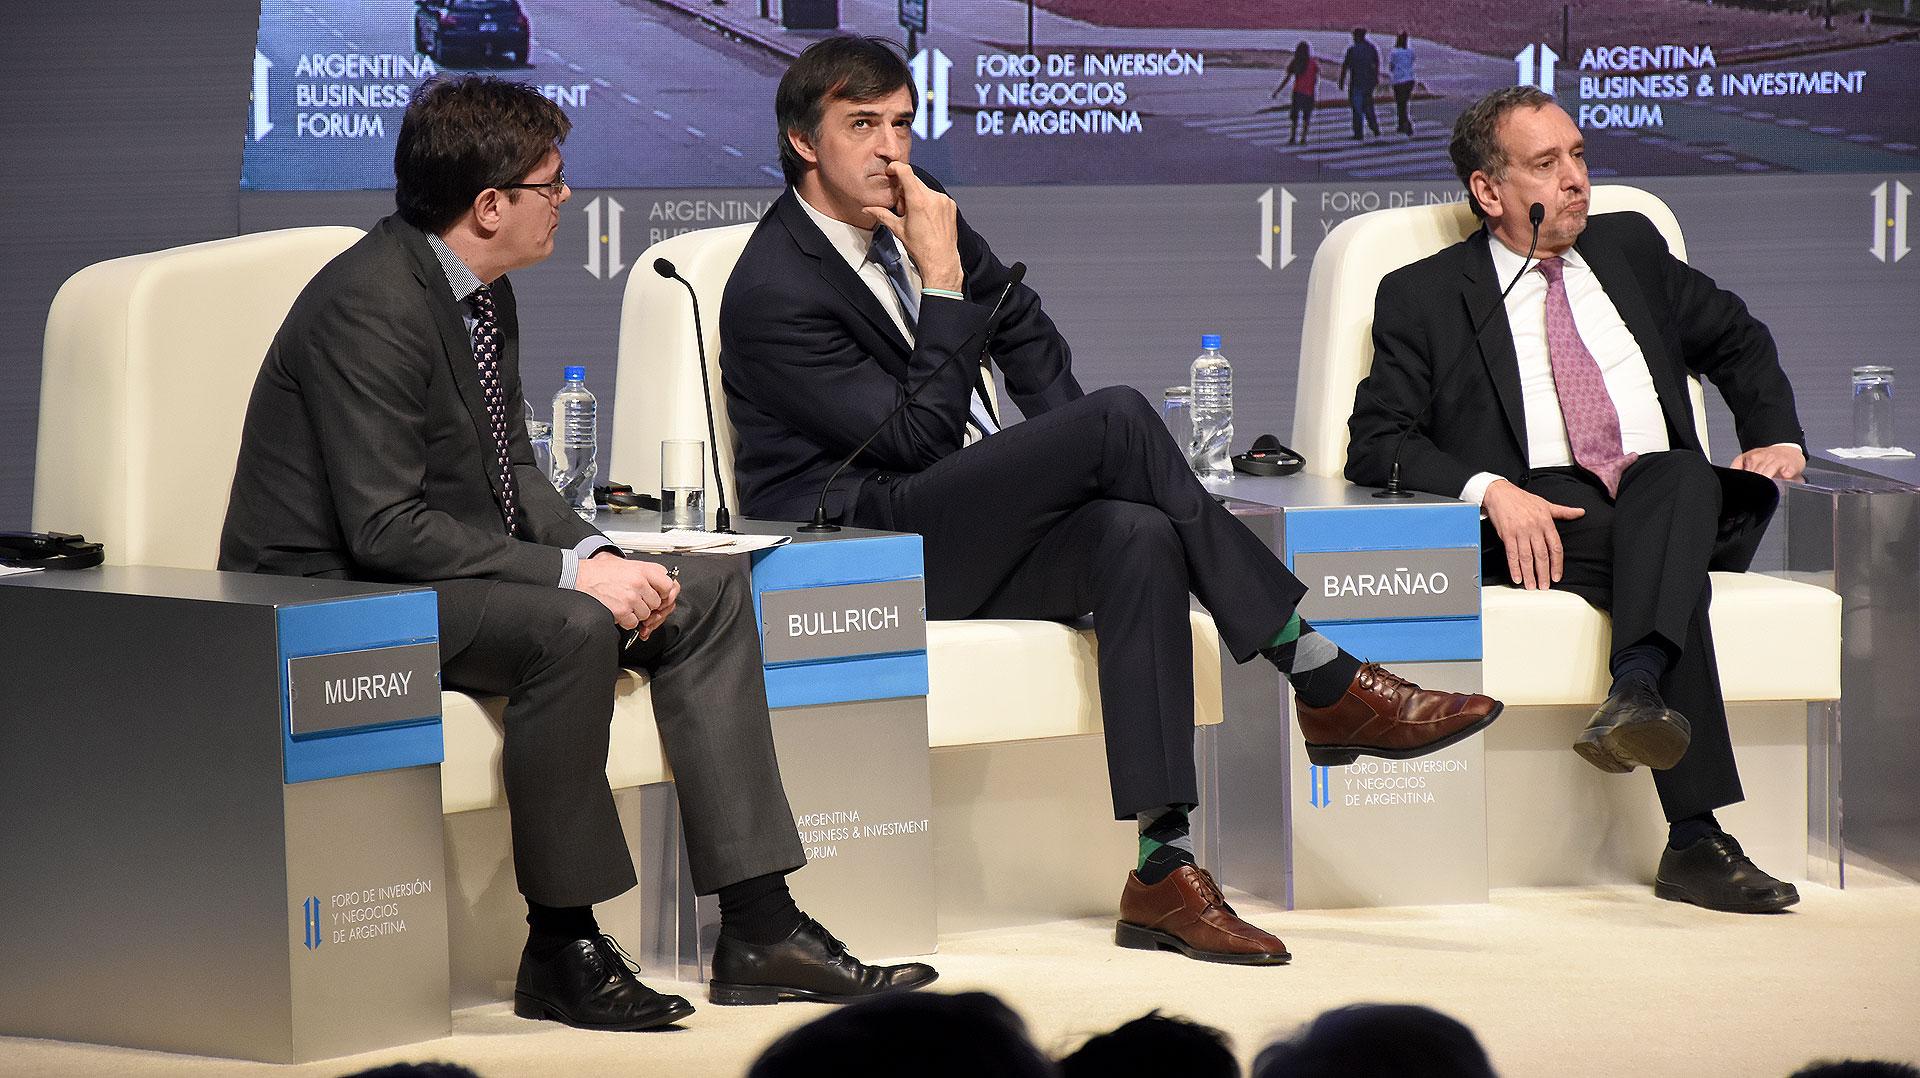 El ministro de Educación y Deportes, Esteban Bullrich, y el ministro de Ciencia, Tecnología e Innovación Productiva, Lino Barañao